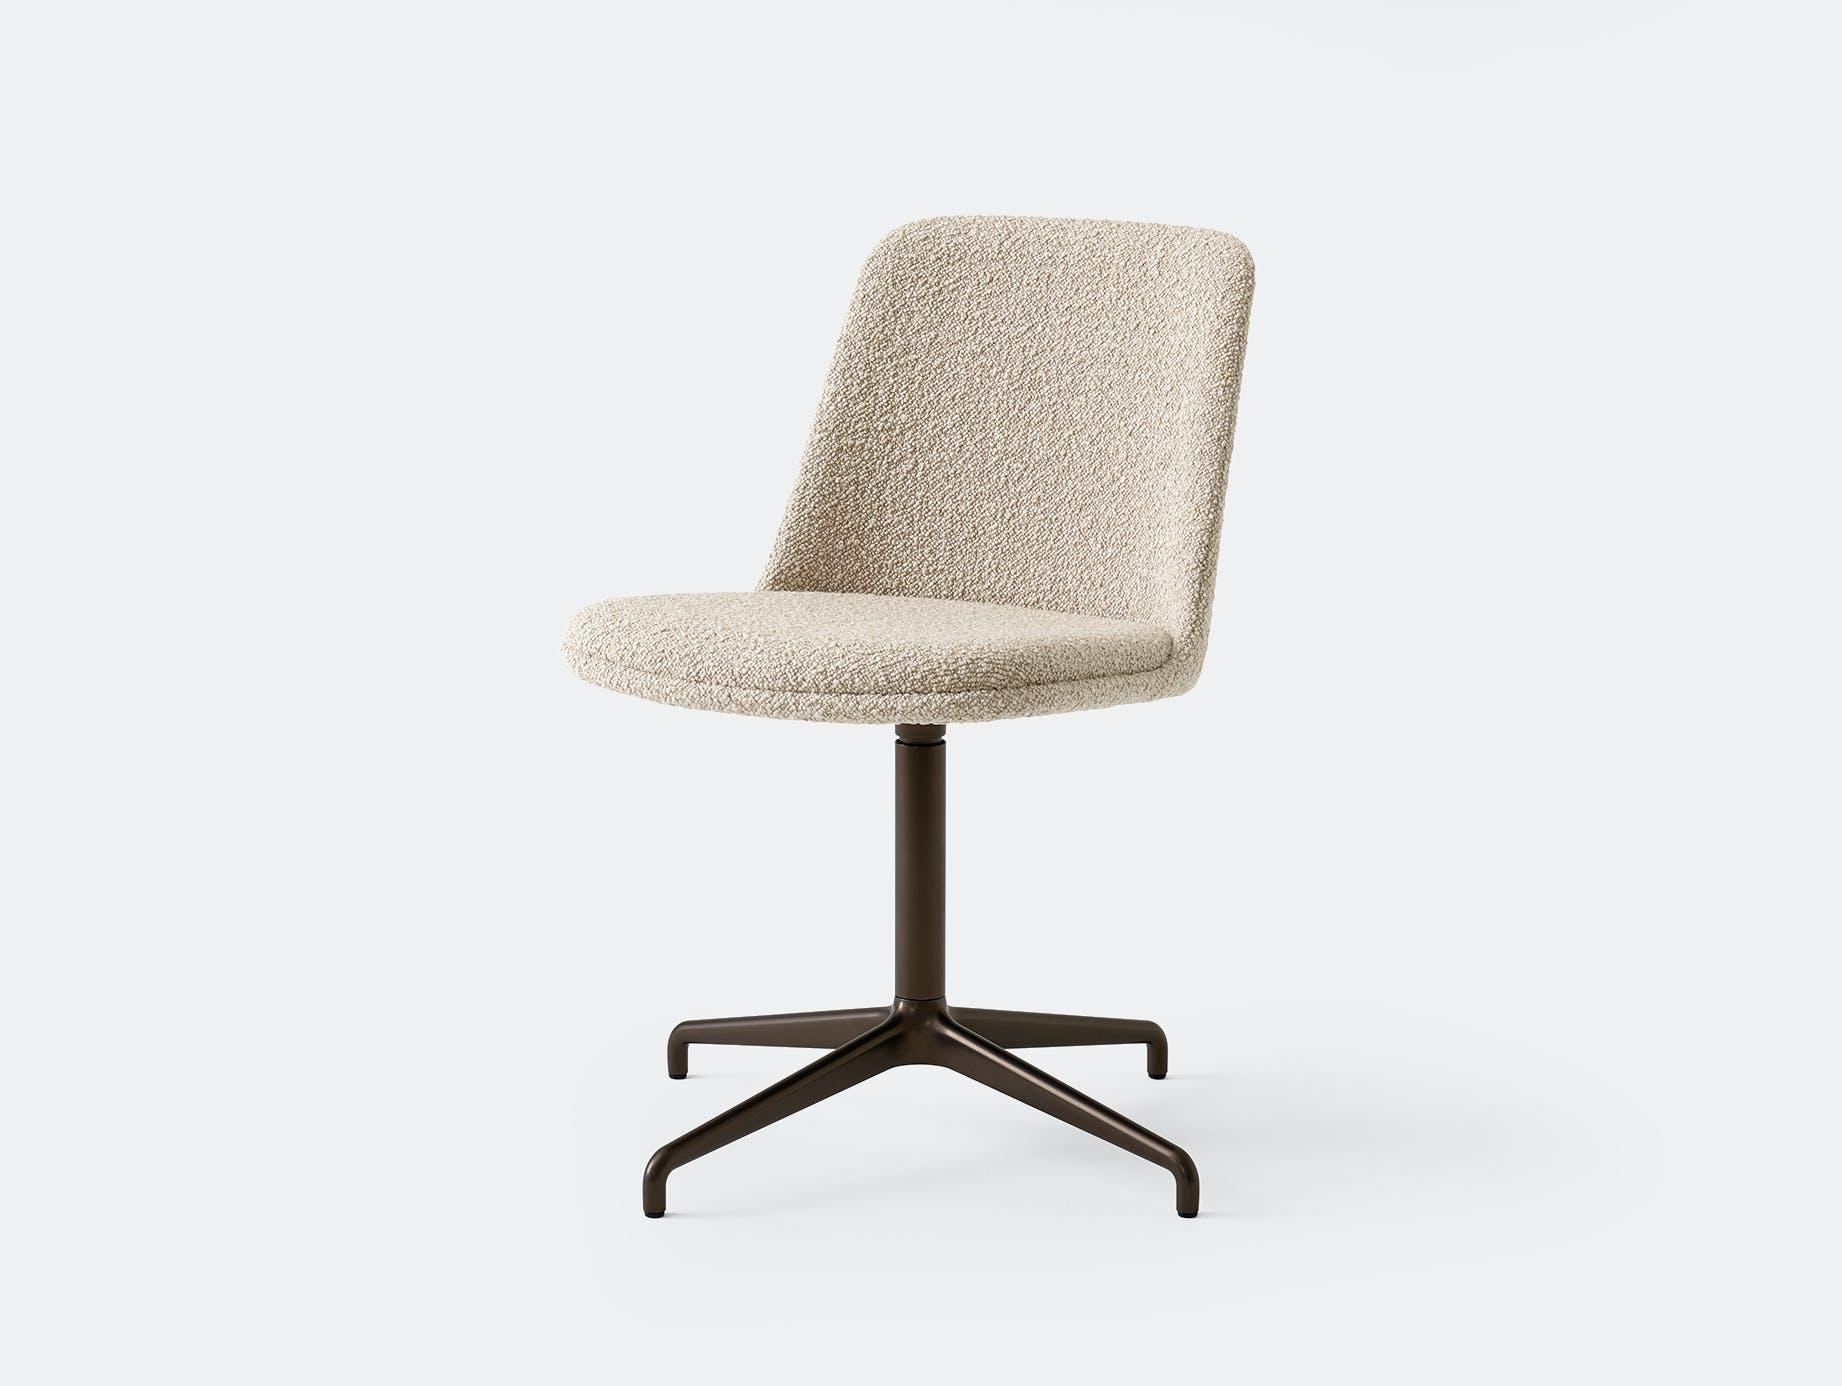 Andtradition rely chair HW19 karaktorum003 brz